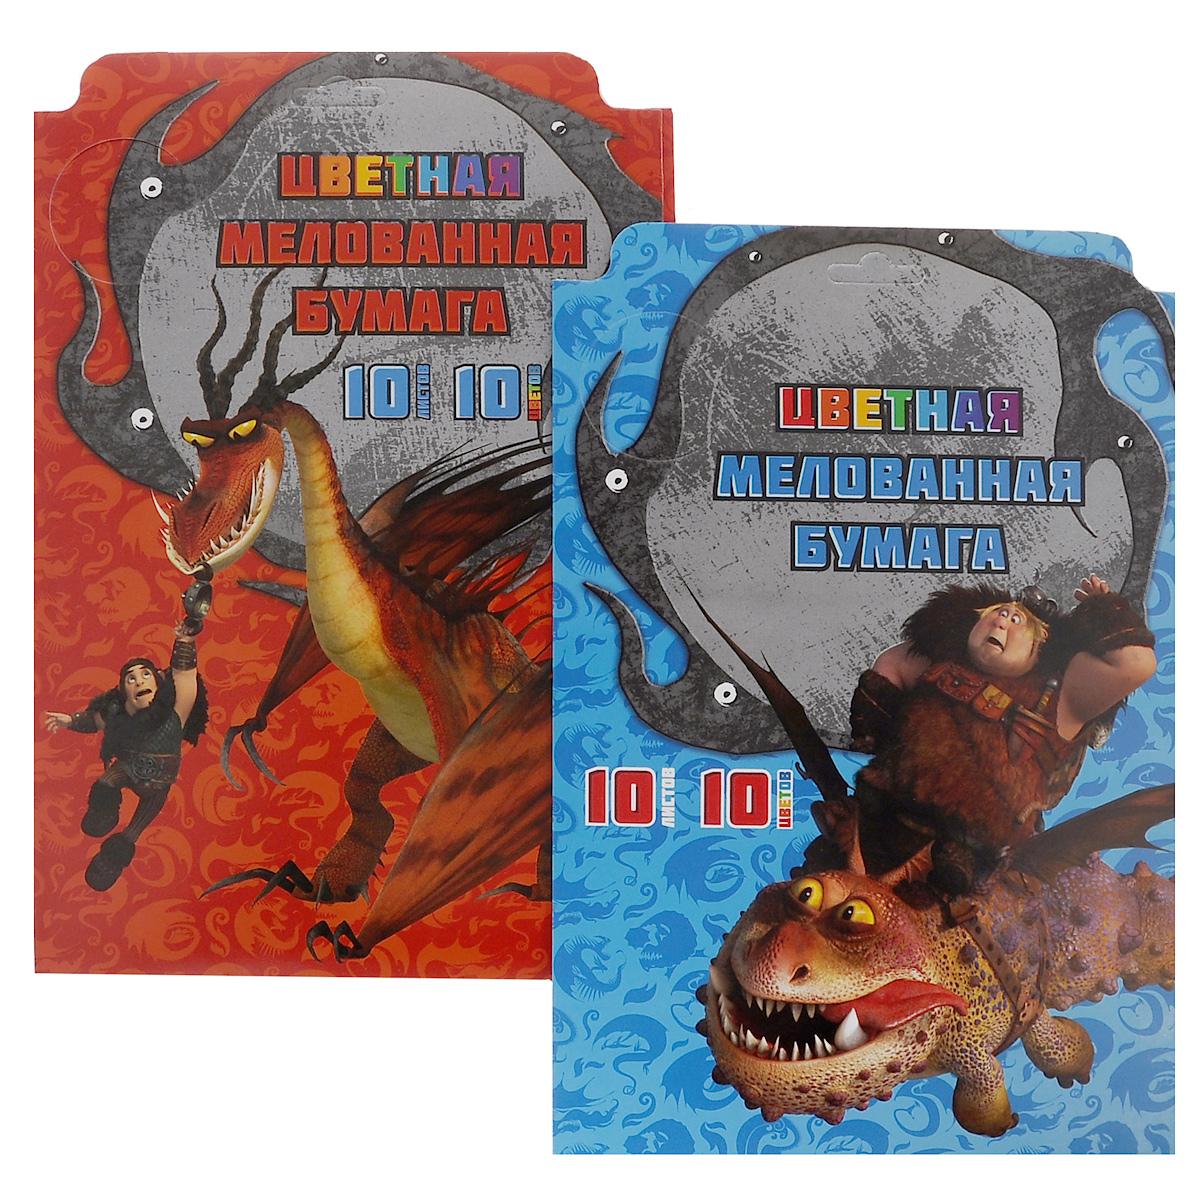 Набор цветной бумаги Dragons, 10 цветов, 2 штDR-CCP-10/10Набор цветной бумаги Dragons, идеально подойдет для занятий в детском саду, школе и дома. Цветная бумага с яркими красками обеспечит максимально удобный и увлекательный творческий процесс. Папка из мелованного картона с изображением героев мультфильма Как приручить дракона на обложке надежно защитит бумажные листы от повреждений. В набор входят цвета: серебро, золото, желтый, красный, малиновый, зеленый, голубой, оранжевый, коричневый, черный.В комплект входят два набора по 10 цветов.Формат листов А4.